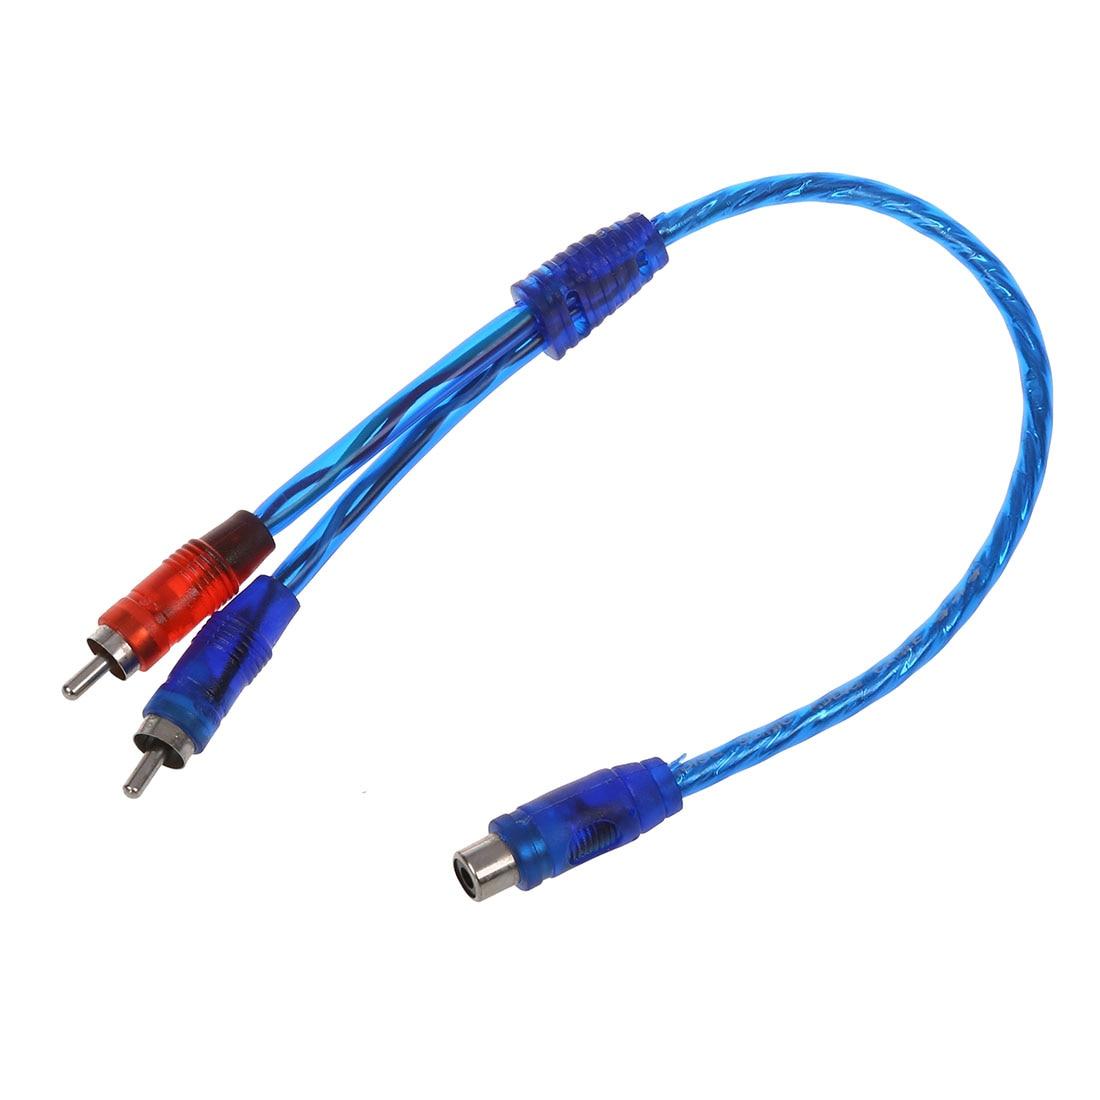 Großhandel speaker cable splitter Gallery - Billig kaufen speaker ...